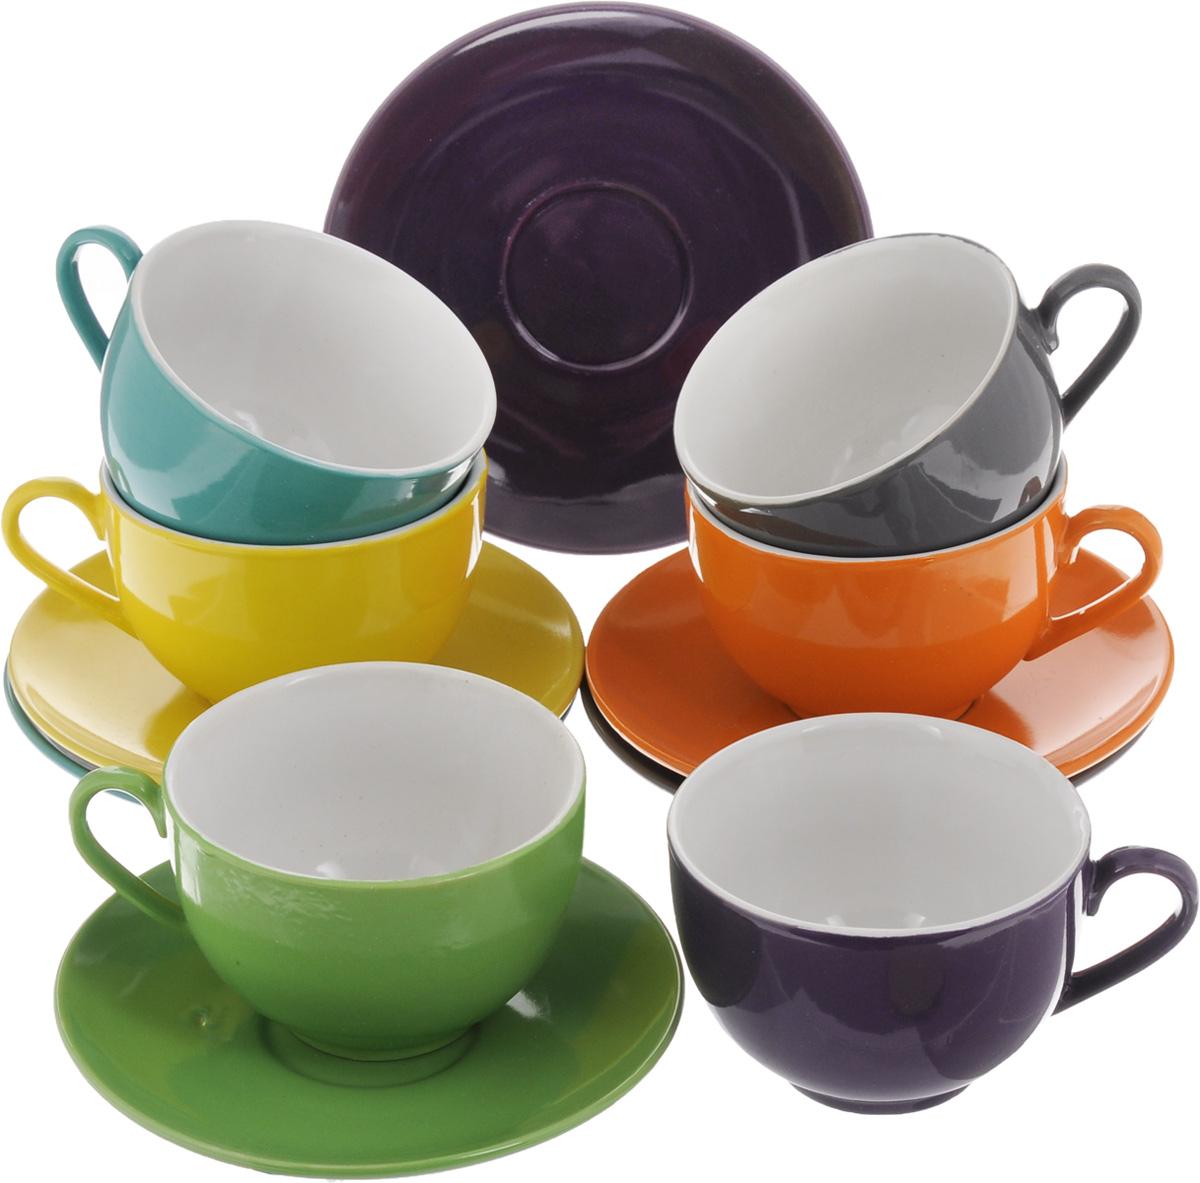 """Чайный набор """"Loraine"""" состоит из шести чашек и шести блюдец. Изделия выполнены из высококачественной керамики.  Такой набор изящно дополнит сервировку стола к чаепитию. Благодаря оригинальному дизайну и качеству исполнения, он станет замечательным подарком для ваших друзей и близких.   Объем чашки: 250 мл.  Диаметр чашки по верхнему краю: 9 см.  Высота чашки: 6,5 см.  Диаметр блюдца: 15 см. Высота блюдца: 2 см."""